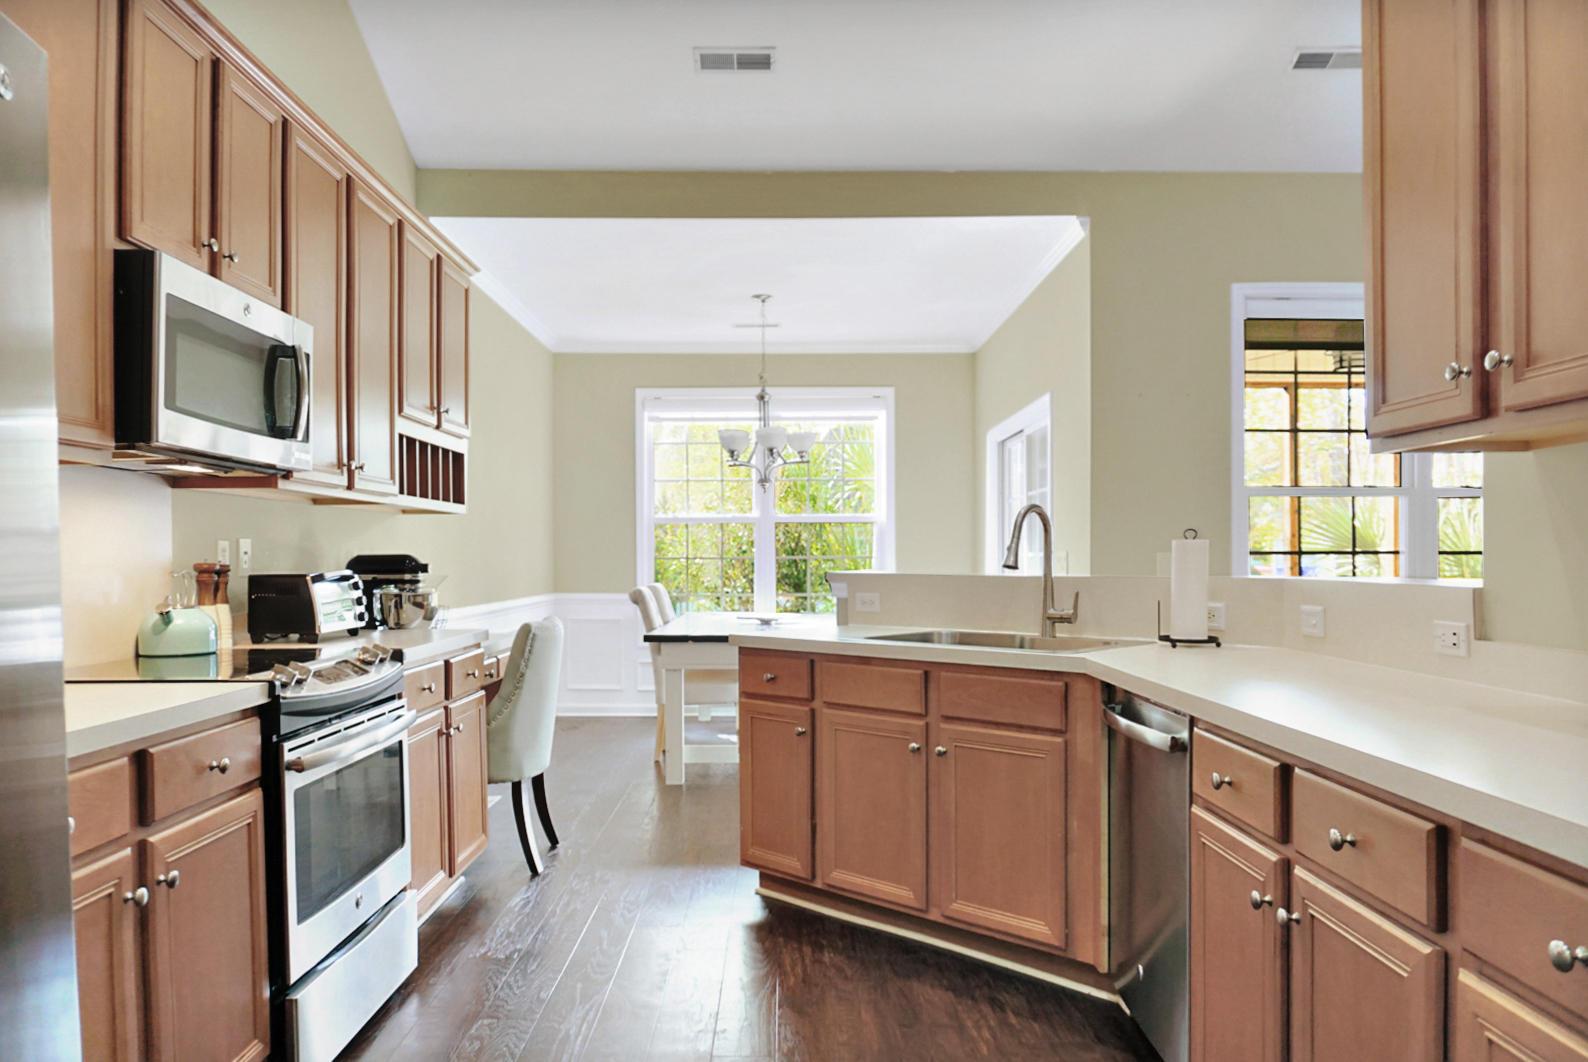 Park West Homes For Sale - 1504 Huxley, Mount Pleasant, SC - 14